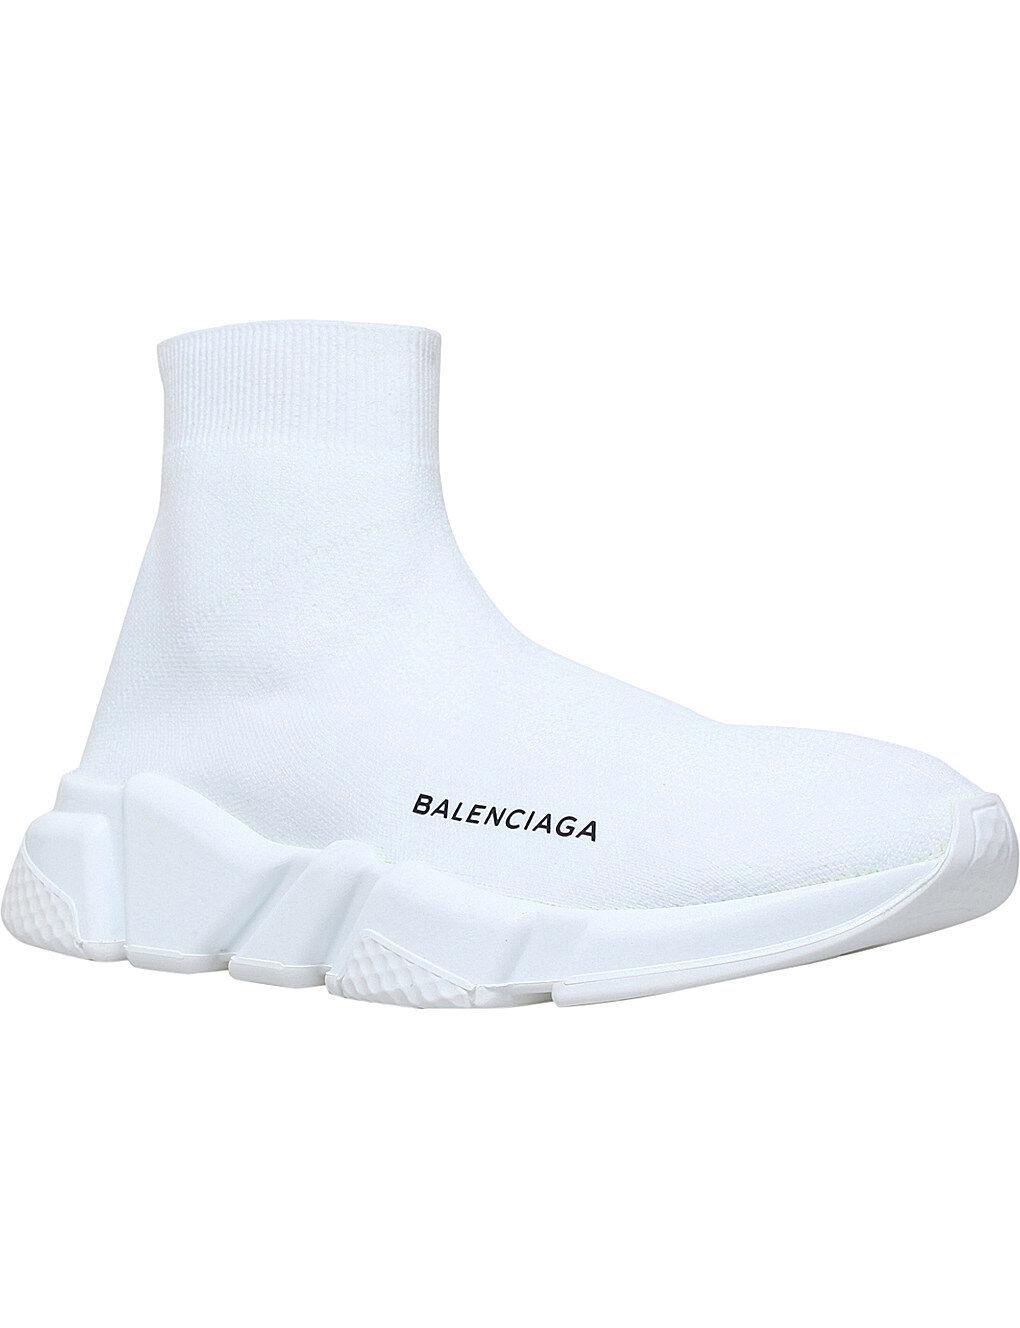 Balenciaga velocidad Calcetín Para Para Para Mujer Zapatillas Mid blancoo blancoo  venta mundialmente famosa en línea